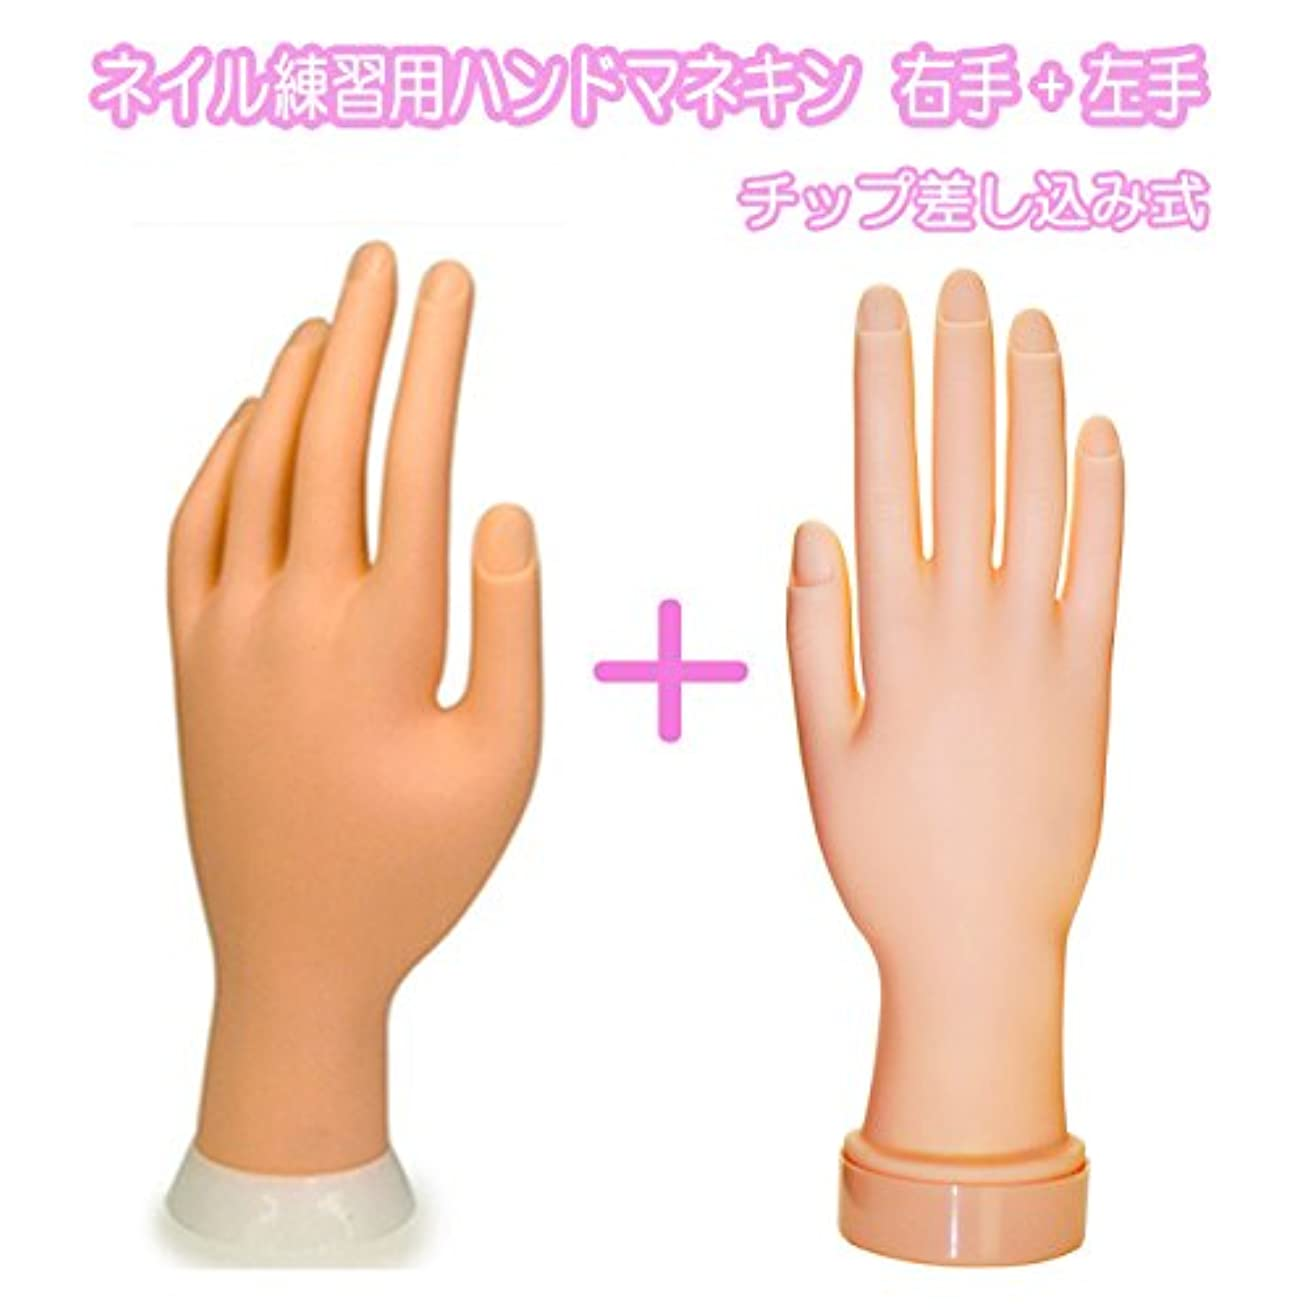 中に運命無意識ネイル練習用ハンドマネキン2個(右手/左手)/チップ差し込み式 (右手1個+左手1個)